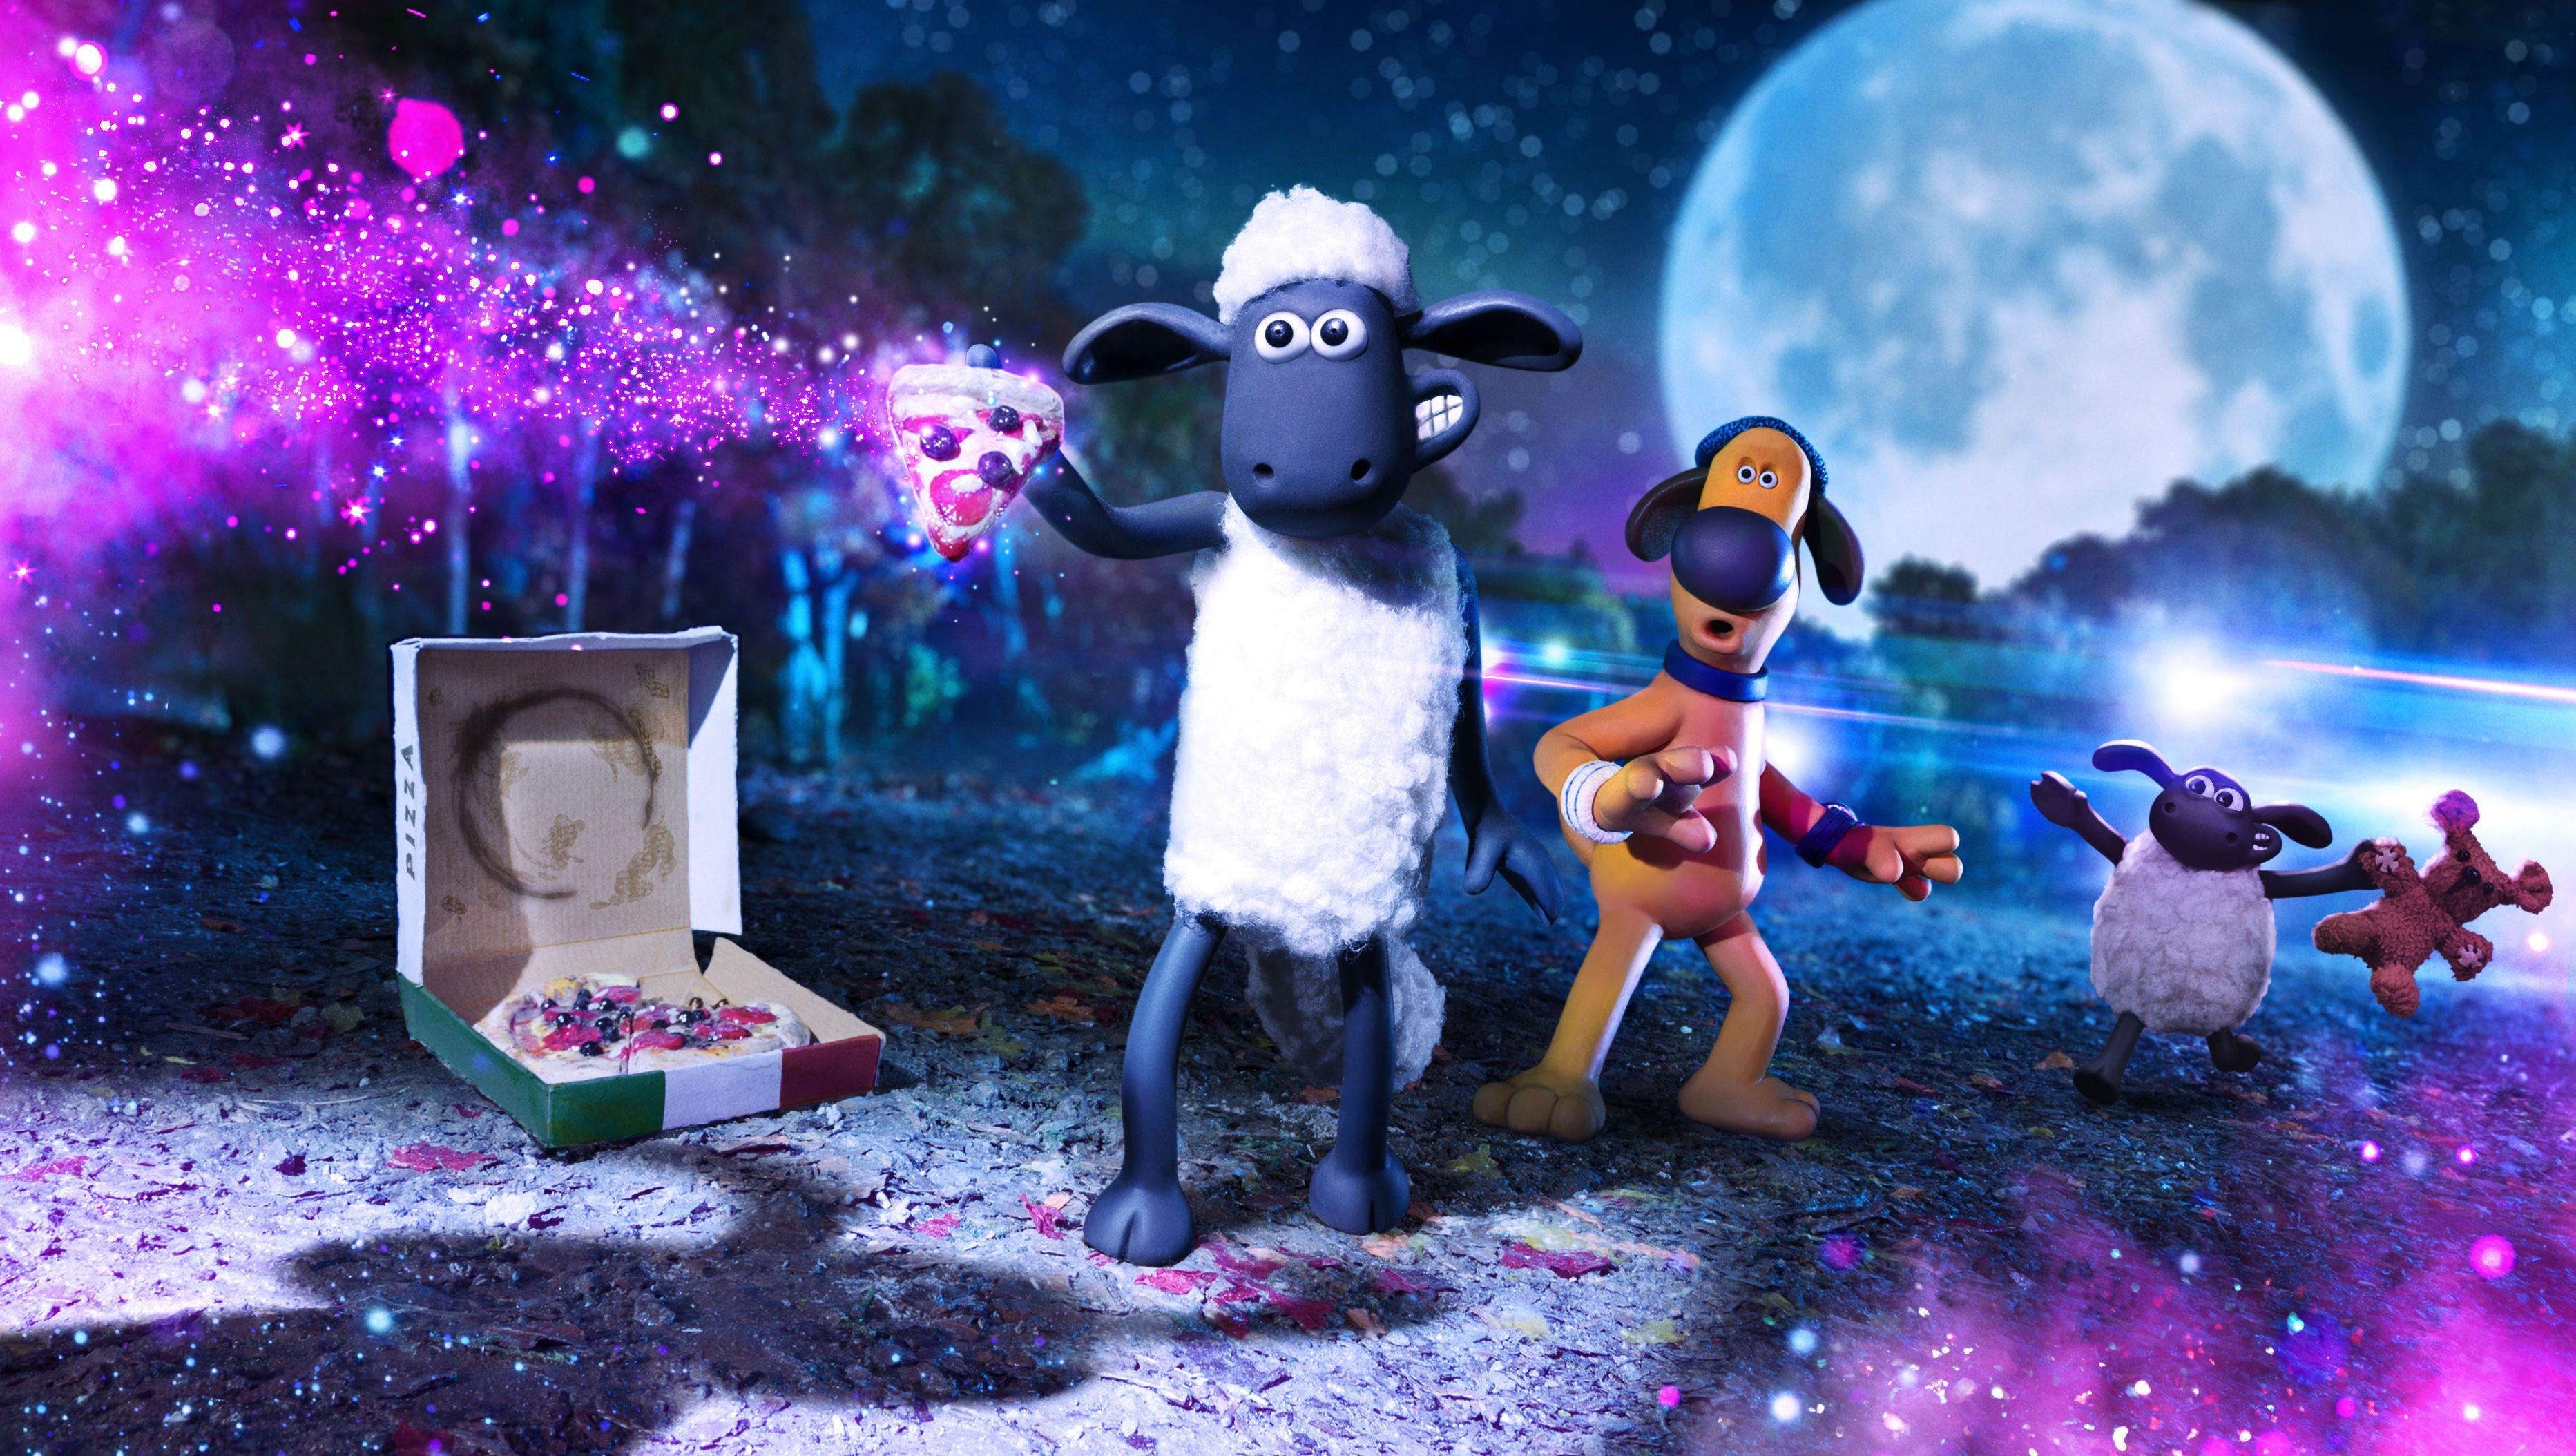 sahara 2017 animated movie download